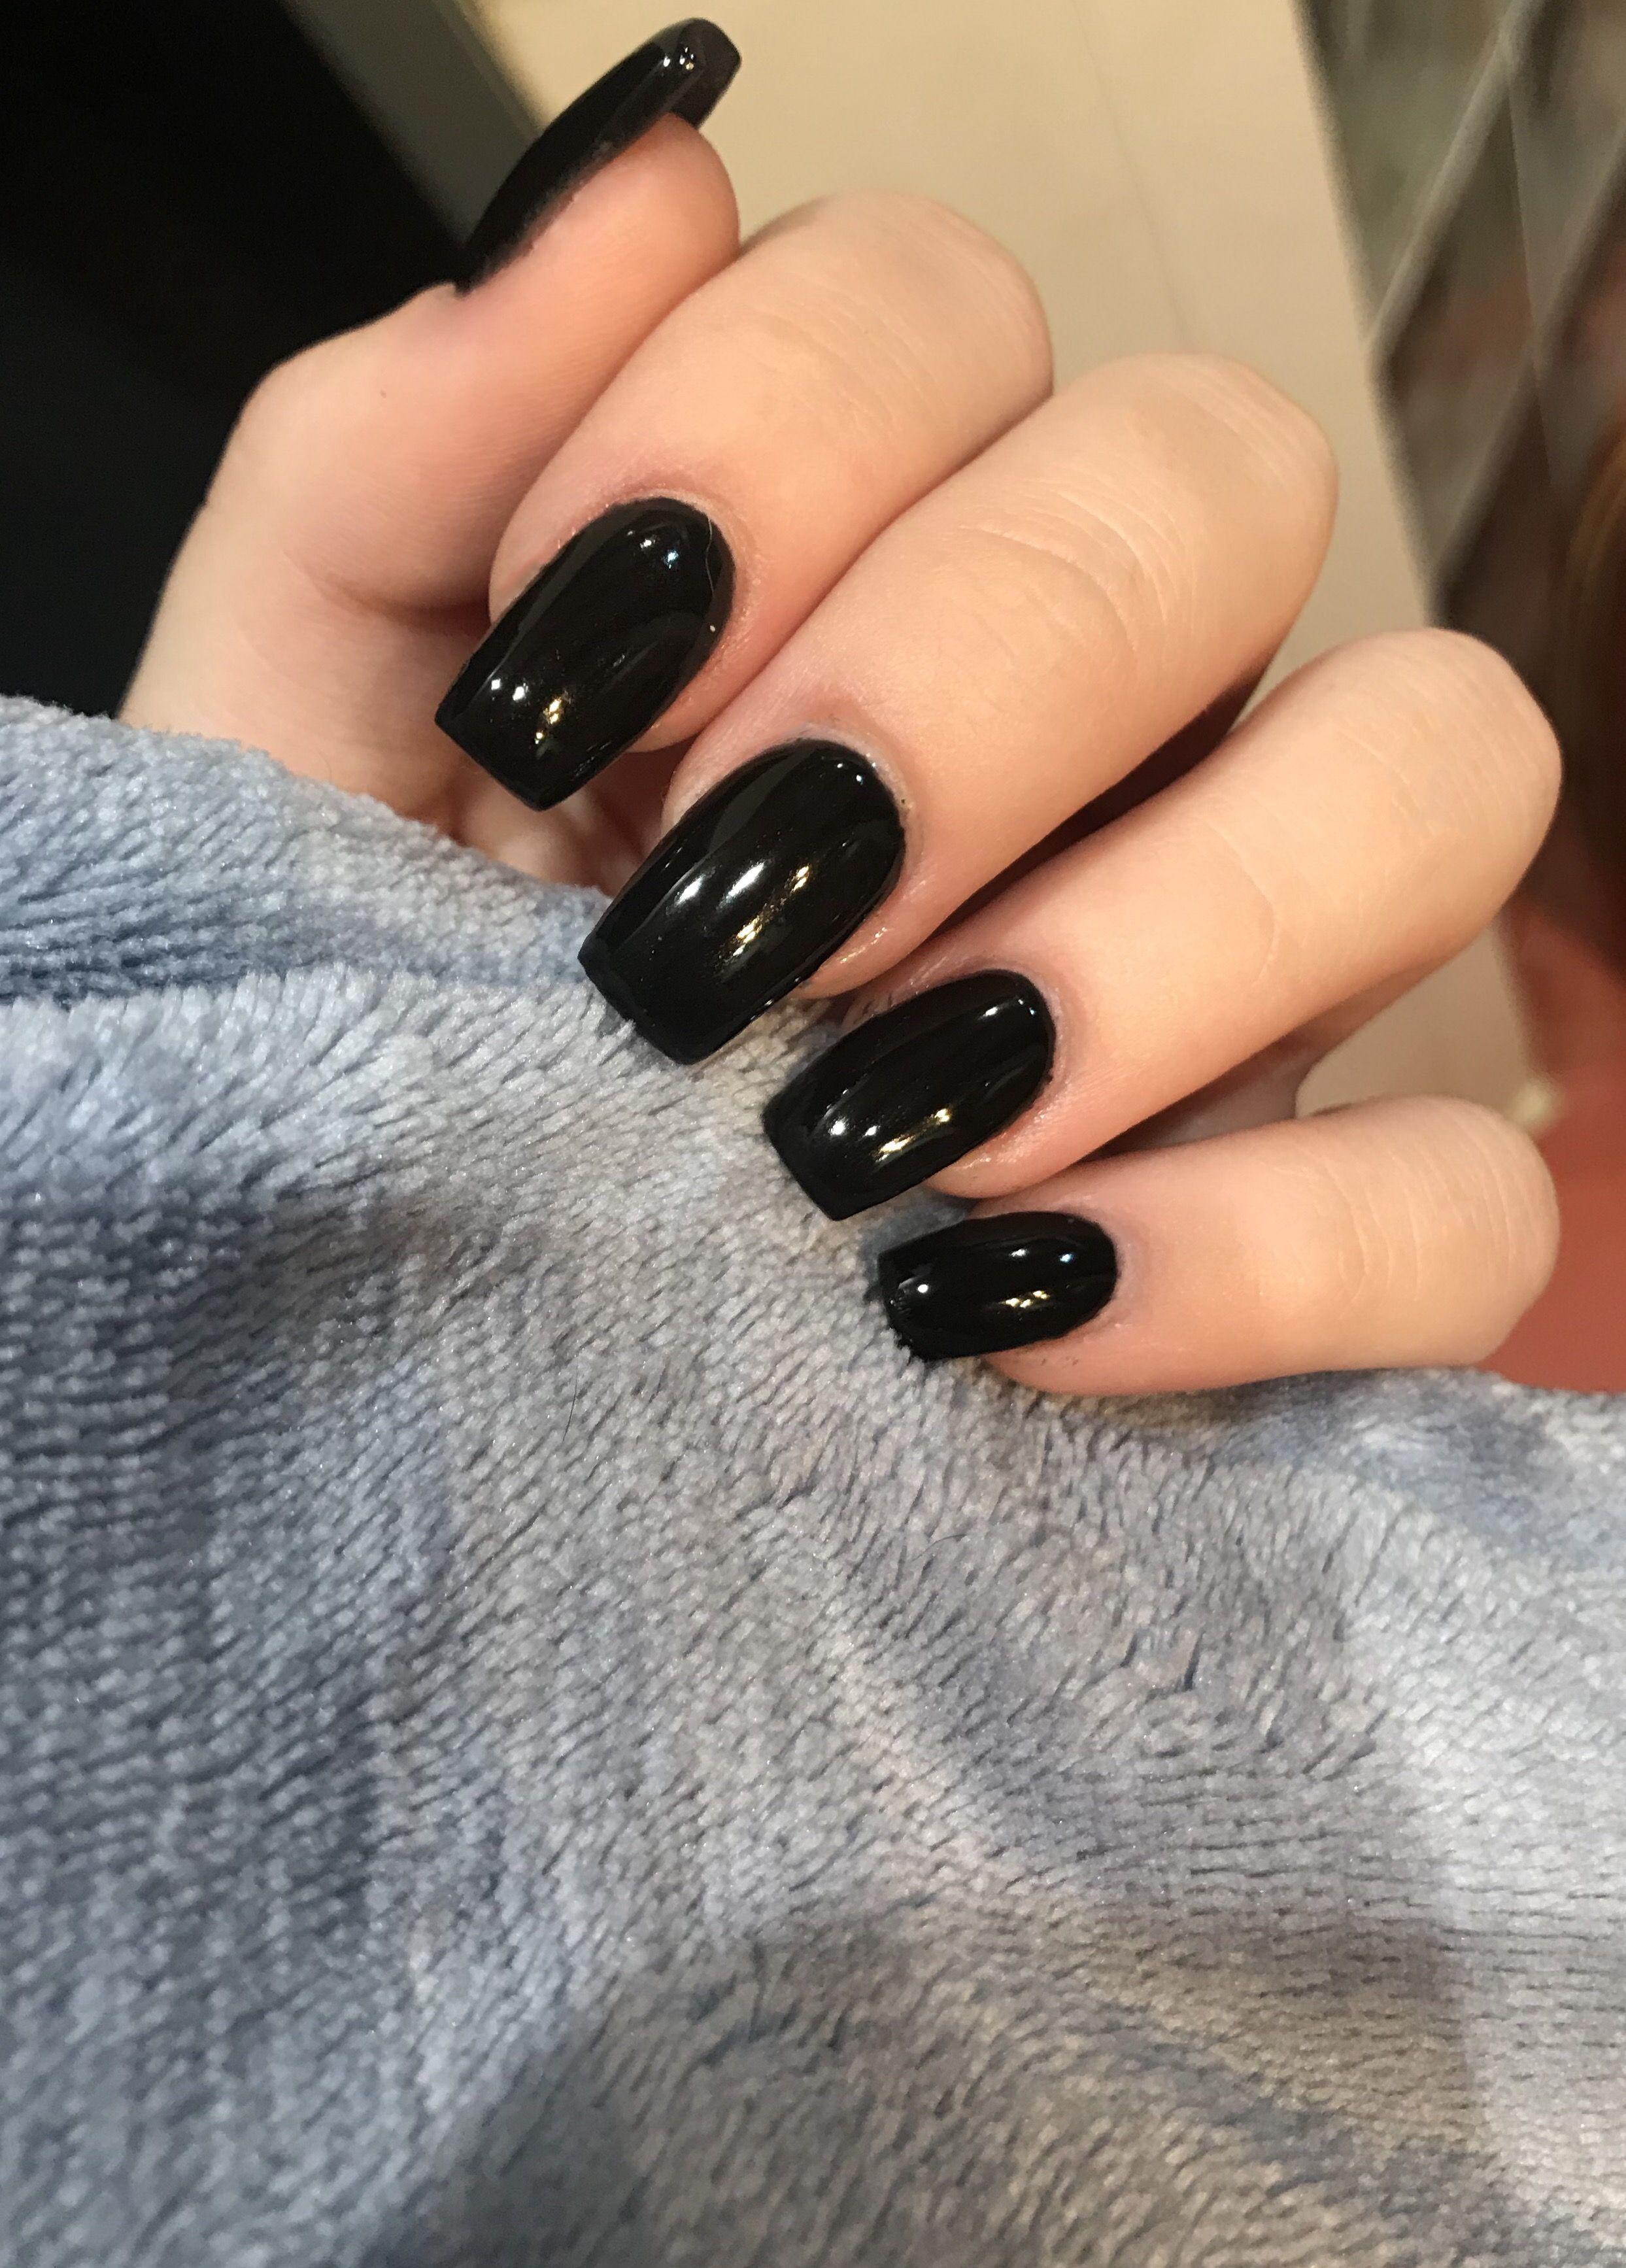 Nails Black Blacknails Love Square Acrylic Nails Short Acrylic Nails Black Nails